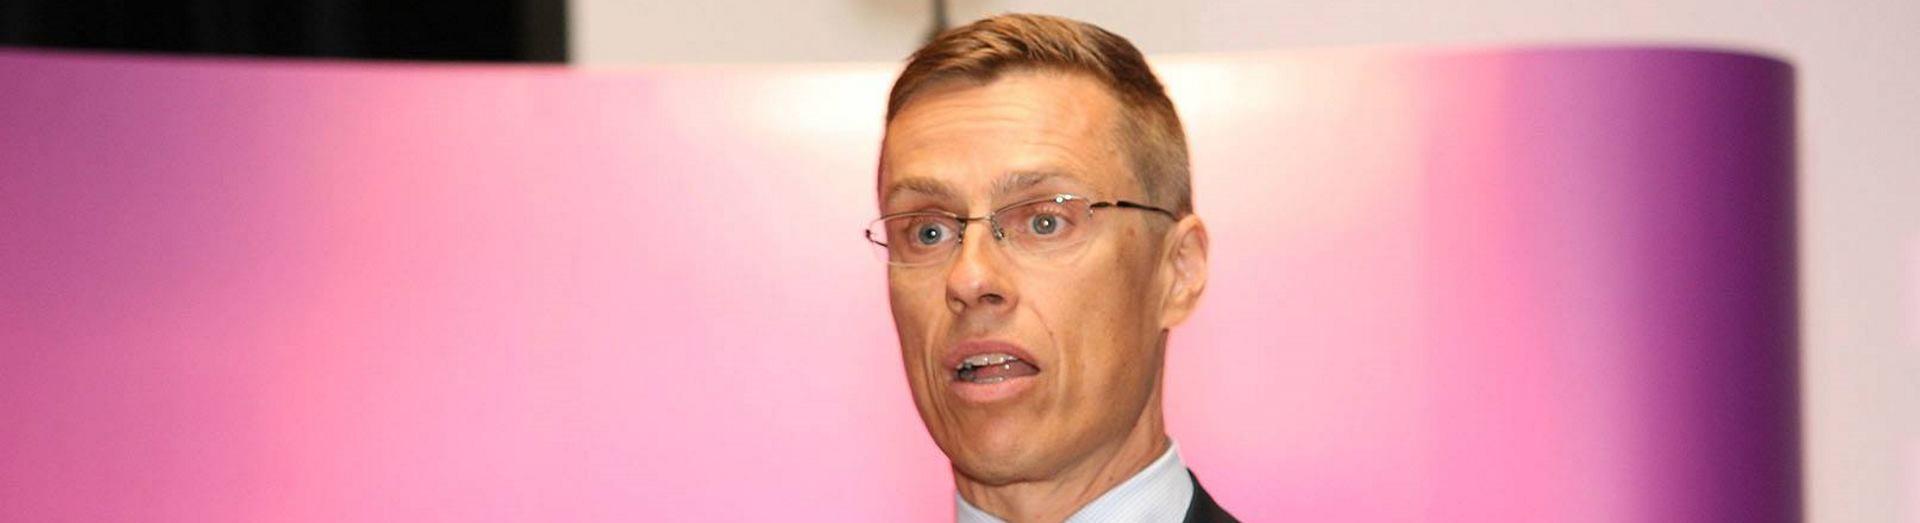 ČESTITAO POBJEDNICIMA Predsjednik finske vlade priznao poraz Nacionalne koalicije